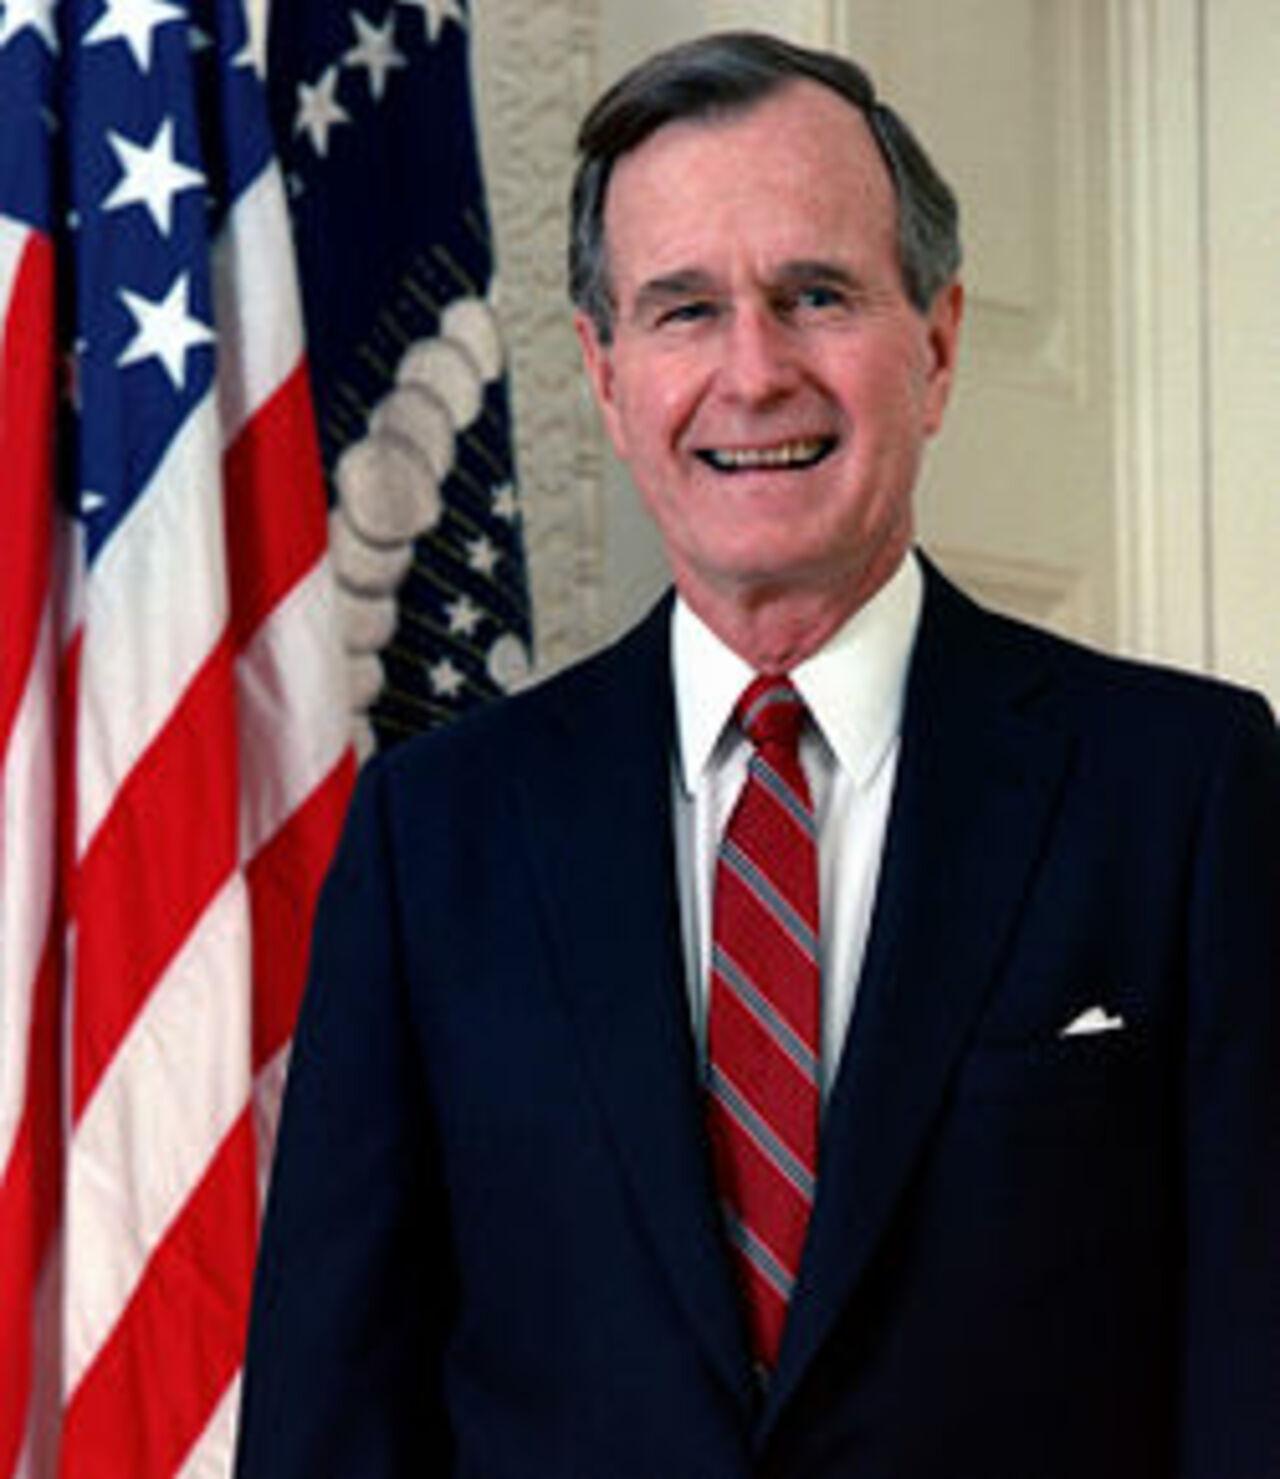 Немощного Буша-старшего обвинили в половых домогательствах